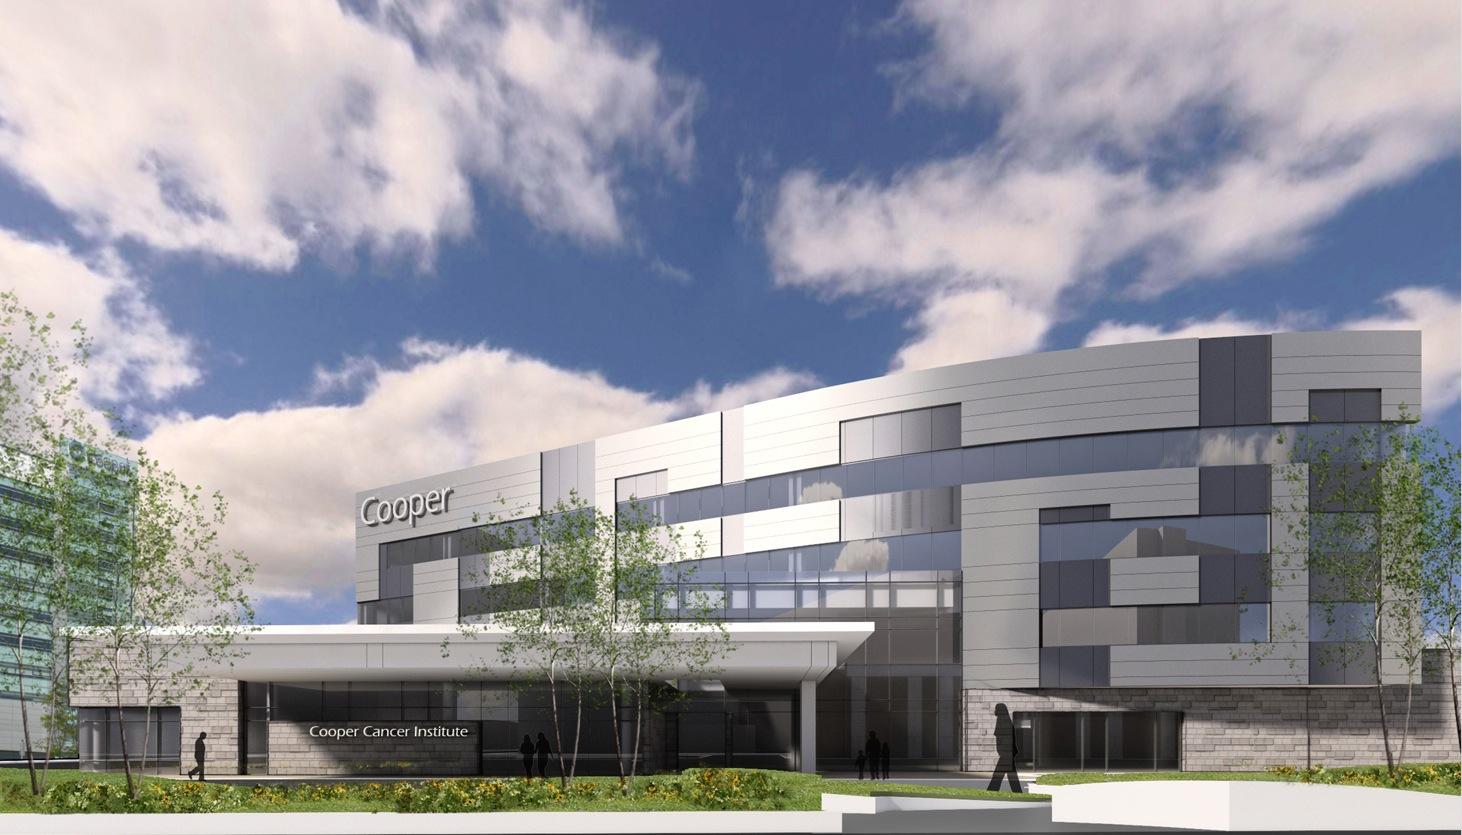 Cooper Cancer Institute